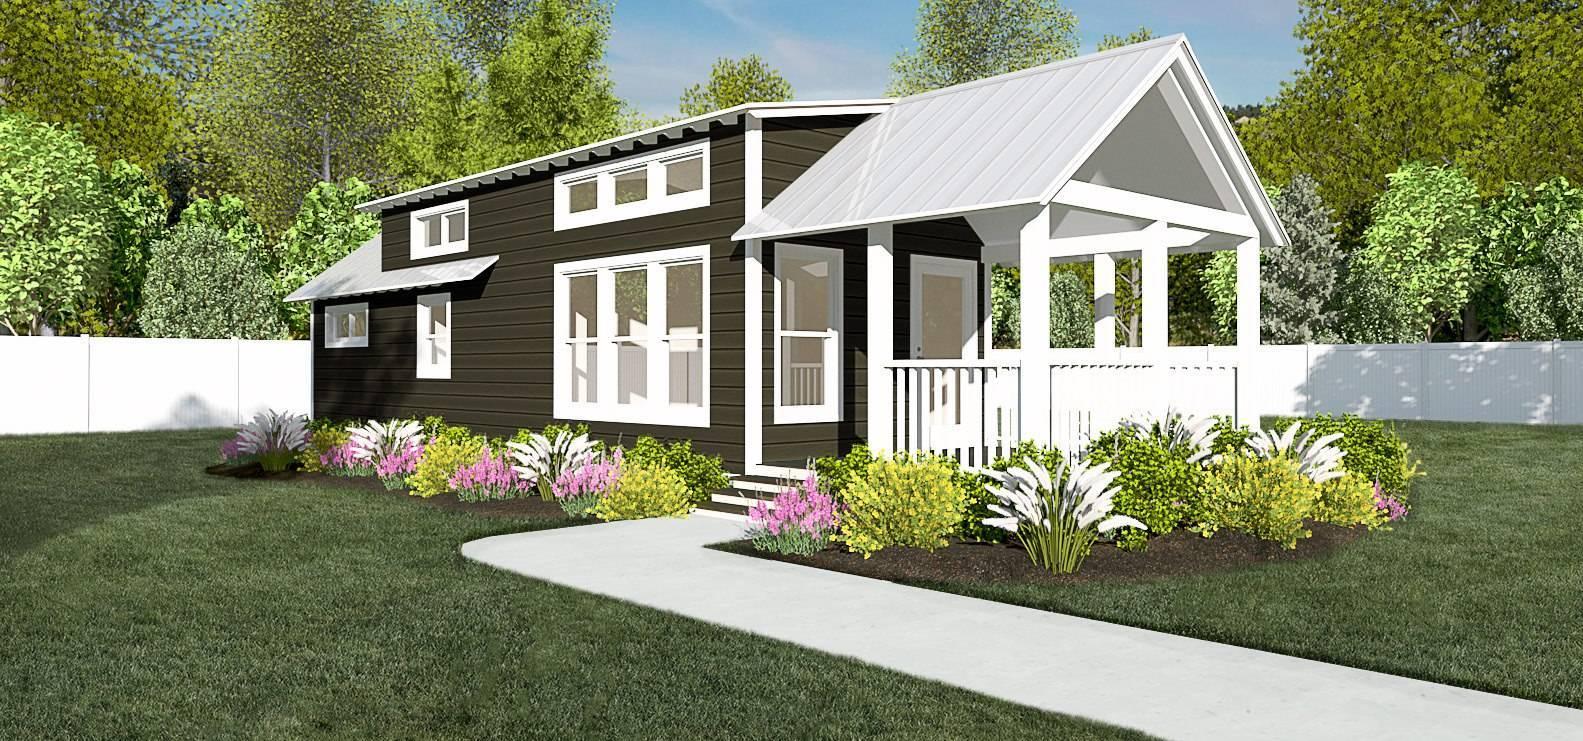 Seashore - tiny homes